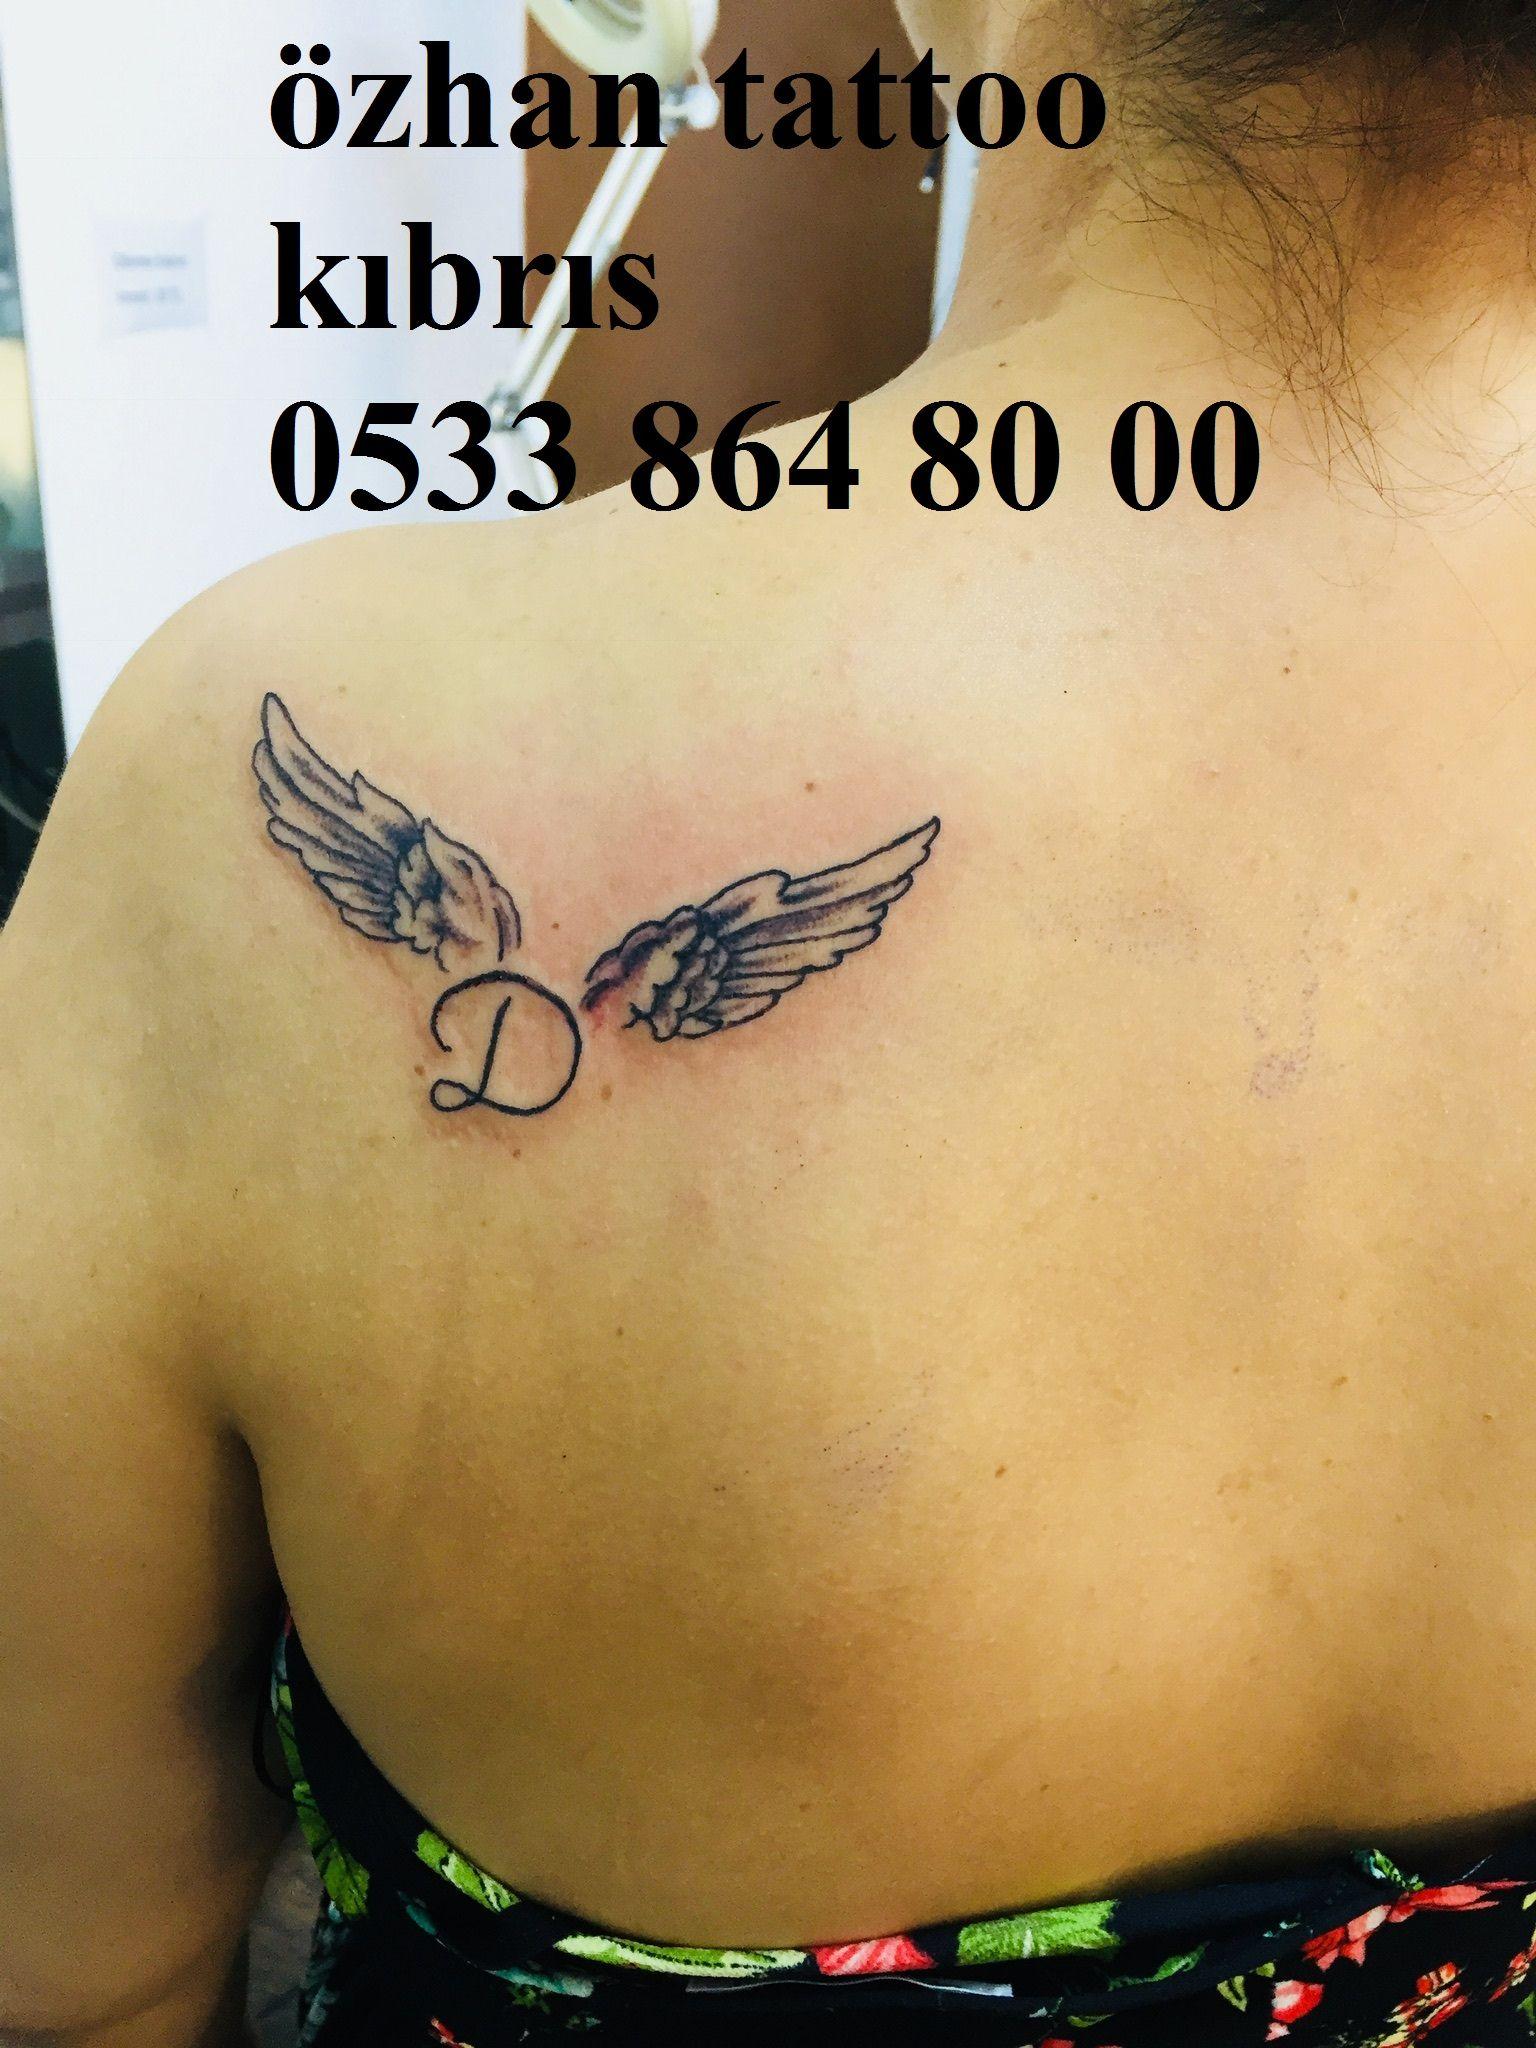 Dovme Kibris Tattoo Cyprus Cyprus Tattoo Nicosia Tattoo Dovme Modelleri Tattoo Dovme Tattoo Dovme Dovme Modelleri El Dovmeleri